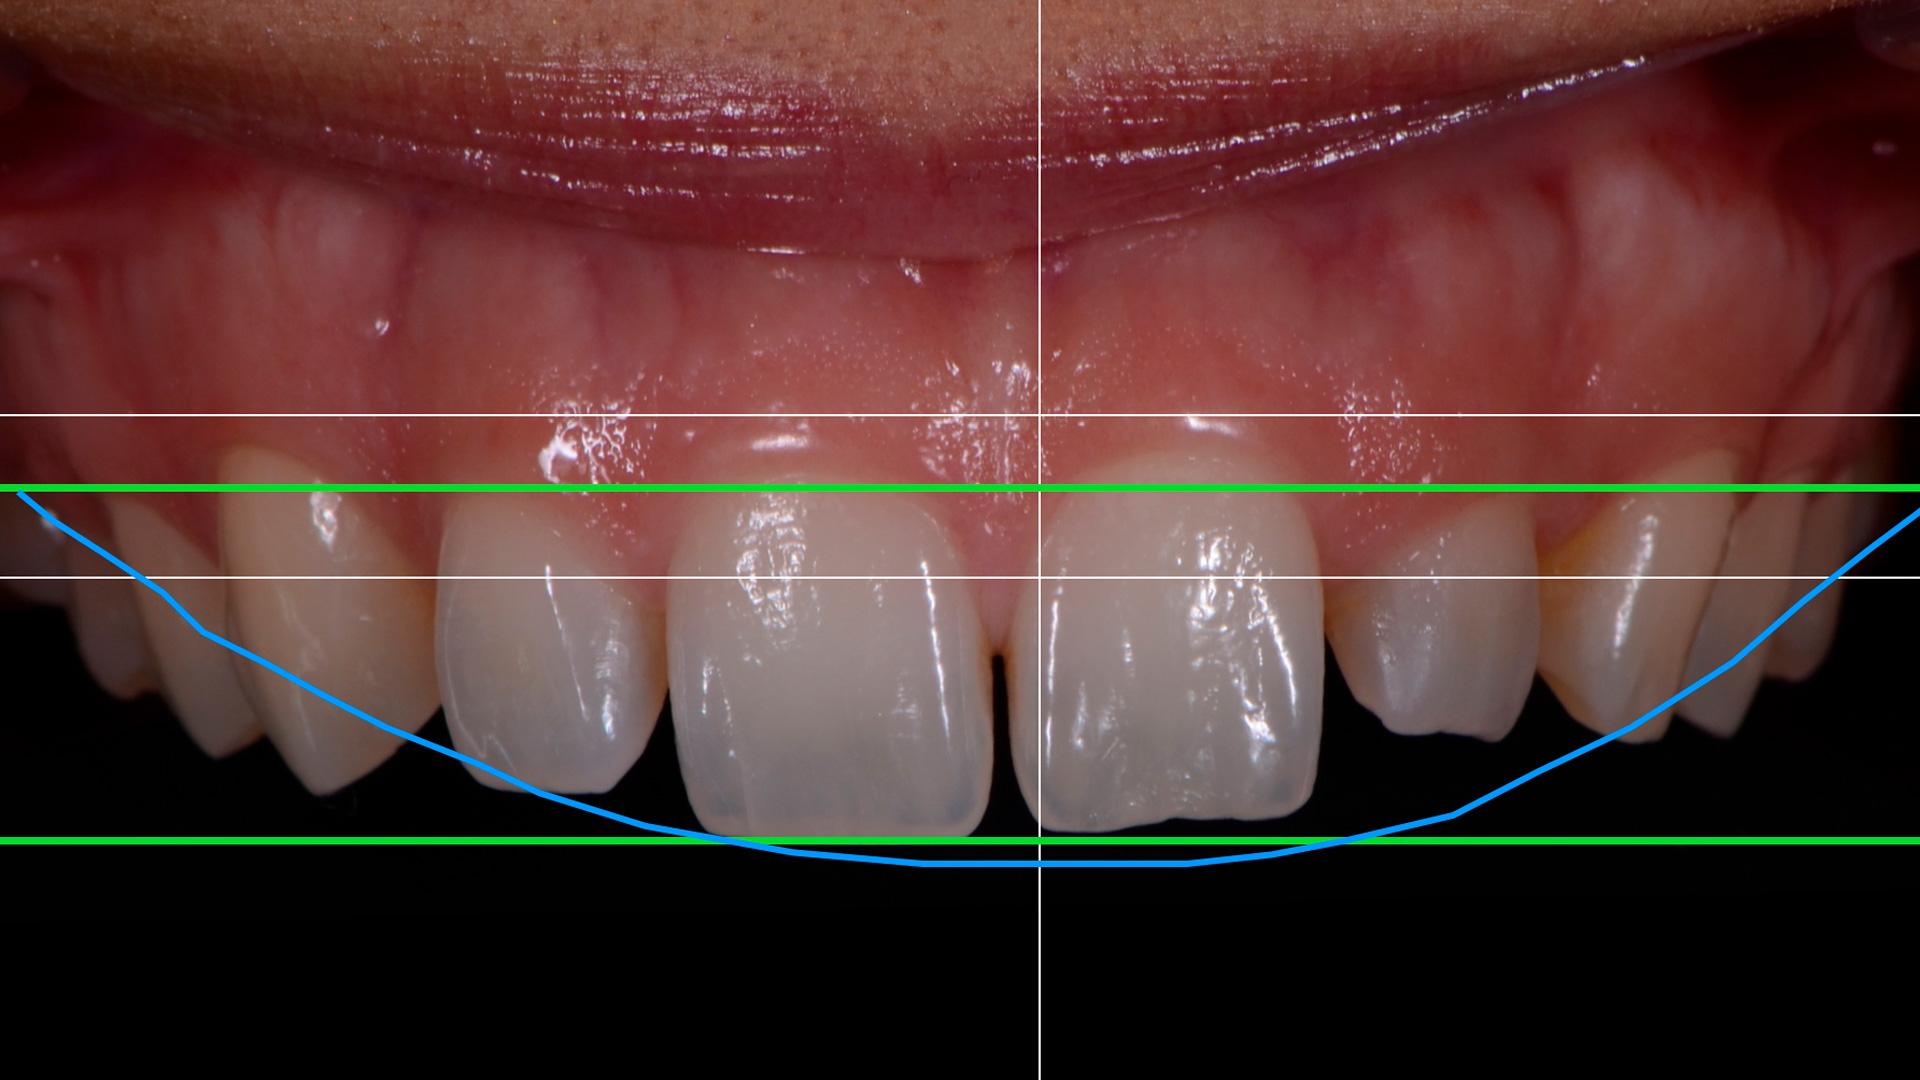 <p>En esta Masterclass <strong>Protocolo fotogr&aacute;fico DSD en odontolog&iacute;a</strong>, impartida por el doctor Alejandro Otero, detallaremos c&oacute;mo se realiza el protocolo fotogr&aacute;fico que se emplea en el <strong>DSD</strong> aplicado a la <strong>odontolog&iacute;a</strong>.<br /> <br /> Para dise&ntilde;ar la sonrisa del paciente con la tecnolog&iacute;a <strong>DSD</strong> se necesitan diferentes fotograf&iacute;as extraorales e intraorales. Gracias a esta Masterclass, <strong>Protocolo fotogr&aacute;fico DSD en odontolog&iacute;a</strong>, conocer&aacute;s con precisi&oacute;n cu&aacute;ntas fotograf&iacute;as se necesitan para realizar un buen dise&ntilde;o con <strong>DSD</strong> en <strong>odontolog&iacute;a</strong>, siguiendo el protocolo fotogr&aacute;fico paso a paso. En definitiva, conocer el protocolo fotogr&aacute;fico te ayudar&aacute; a planificar el tratamiento de tus pacientes en <strong>odontolog&iacute;a</strong> con la tecnolog&iacute;a <strong>DSD</strong>, facilitando tu trabajo como odont&oacute;logo y obteniendo los mejores resultados en la cl&iacute;nica dental.<br /> <br /> Todas nuestras Masterclass est&aacute;n impartidas por los mayores expertos en odontolog&iacute;a. Gracias a nuestra Masterclass&nbsp;<strong>Protocolo fotogr&aacute;fico DSD en odontolog&iacute;a</strong>&nbsp;y otras como esta, que forman parte de la serie&nbsp;<strong>Nuevas tecnolog&iacute;as en implantolog&iacute;a</strong>, podr&aacute;s desarrollar y actualizar tus conocimientos sobre las tecnolog&iacute;as m&aacute;s avanzadas en diagn&oacute;stico y cirug&iacute;a odontol&oacute;gica, profundizando en diferentes campos de la odontolog&iacute;a digital, como el <strong>protocolo fotogr&aacute;fico DSD</strong> para el <strong>dise&ntilde;o de sonrisa</strong>, alcanzando una formaci&oacute;n avanzada y permiti&eacute;ndote profundizar en&nbsp;los aspectos a tener en cuenta en la colocaci&oacute;n de implantes dentales con criterios cient&ia